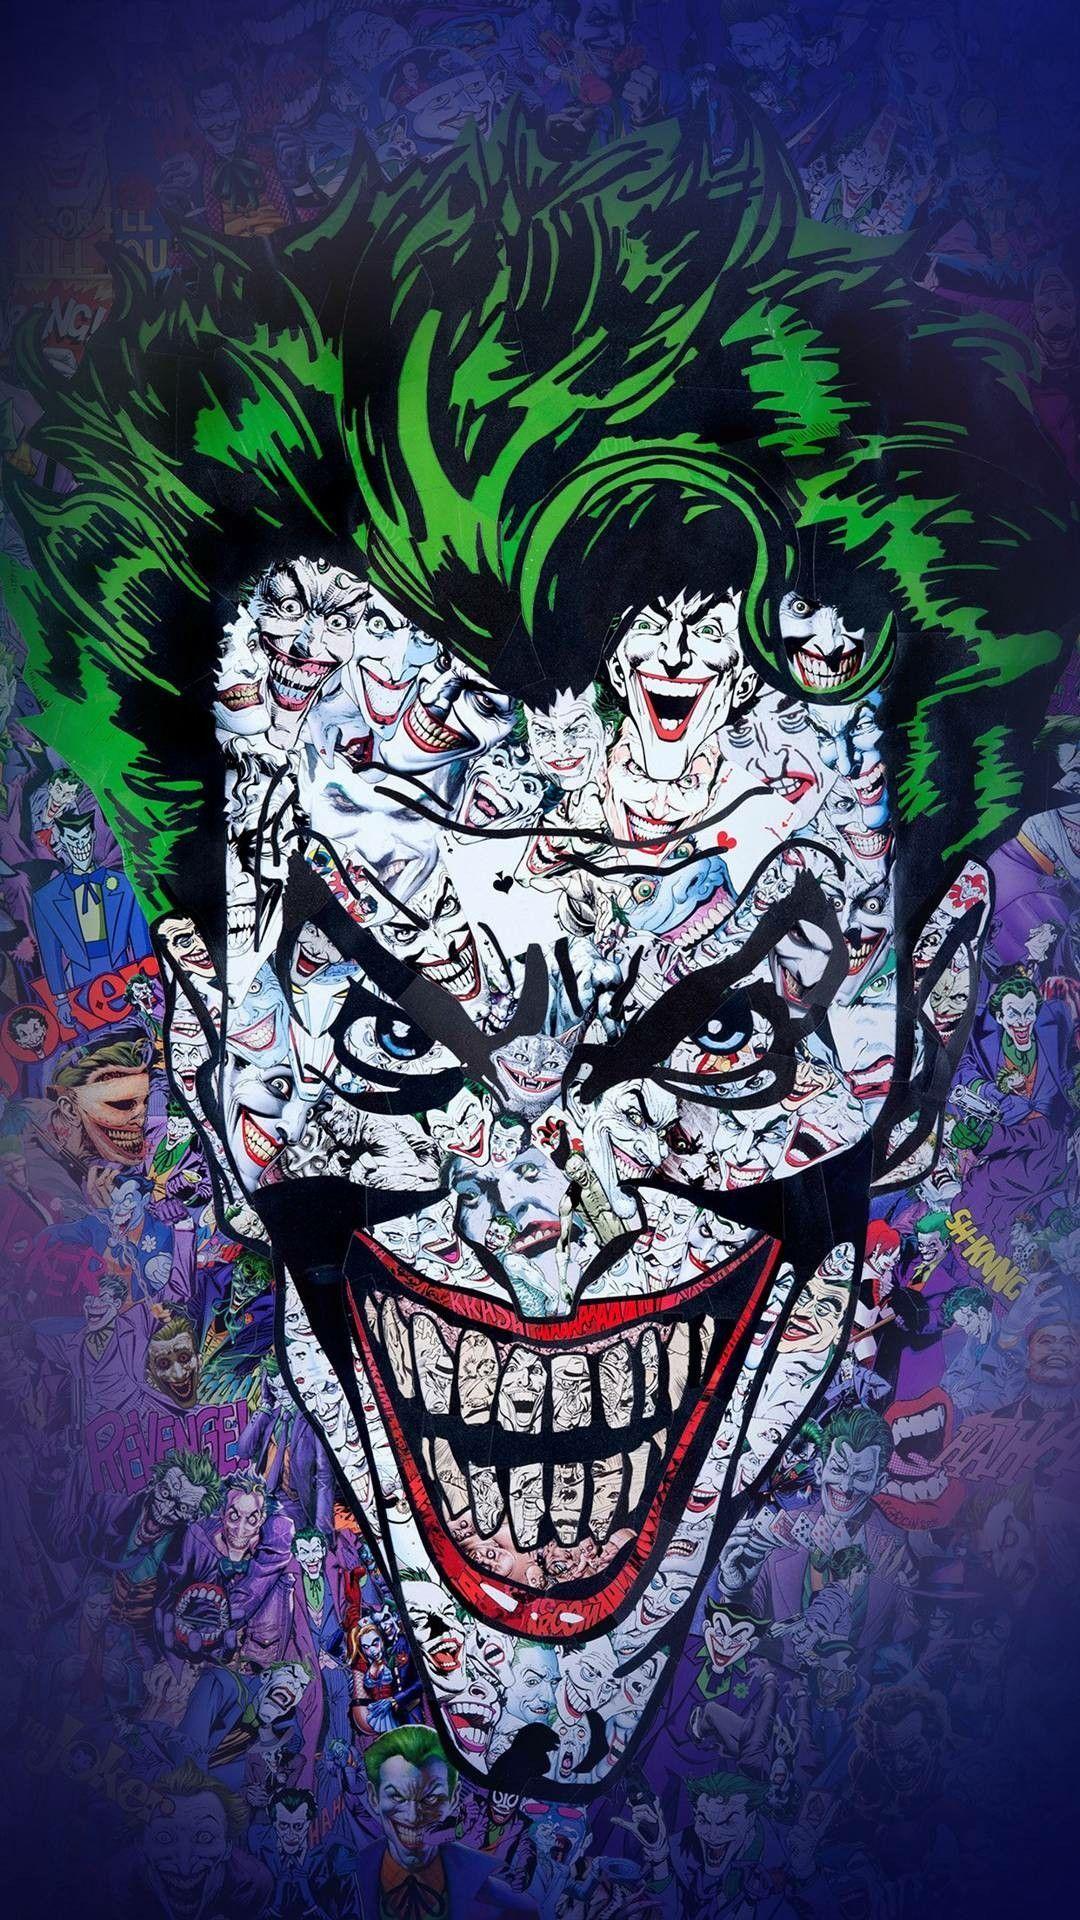 Joker Purple And Green Wallpaper Hd On High Quality Wallpaper On Firefoxwallpapers Com Joker Purple And In 2020 Joker Iphone Wallpaper Joker Wallpapers Joker Art